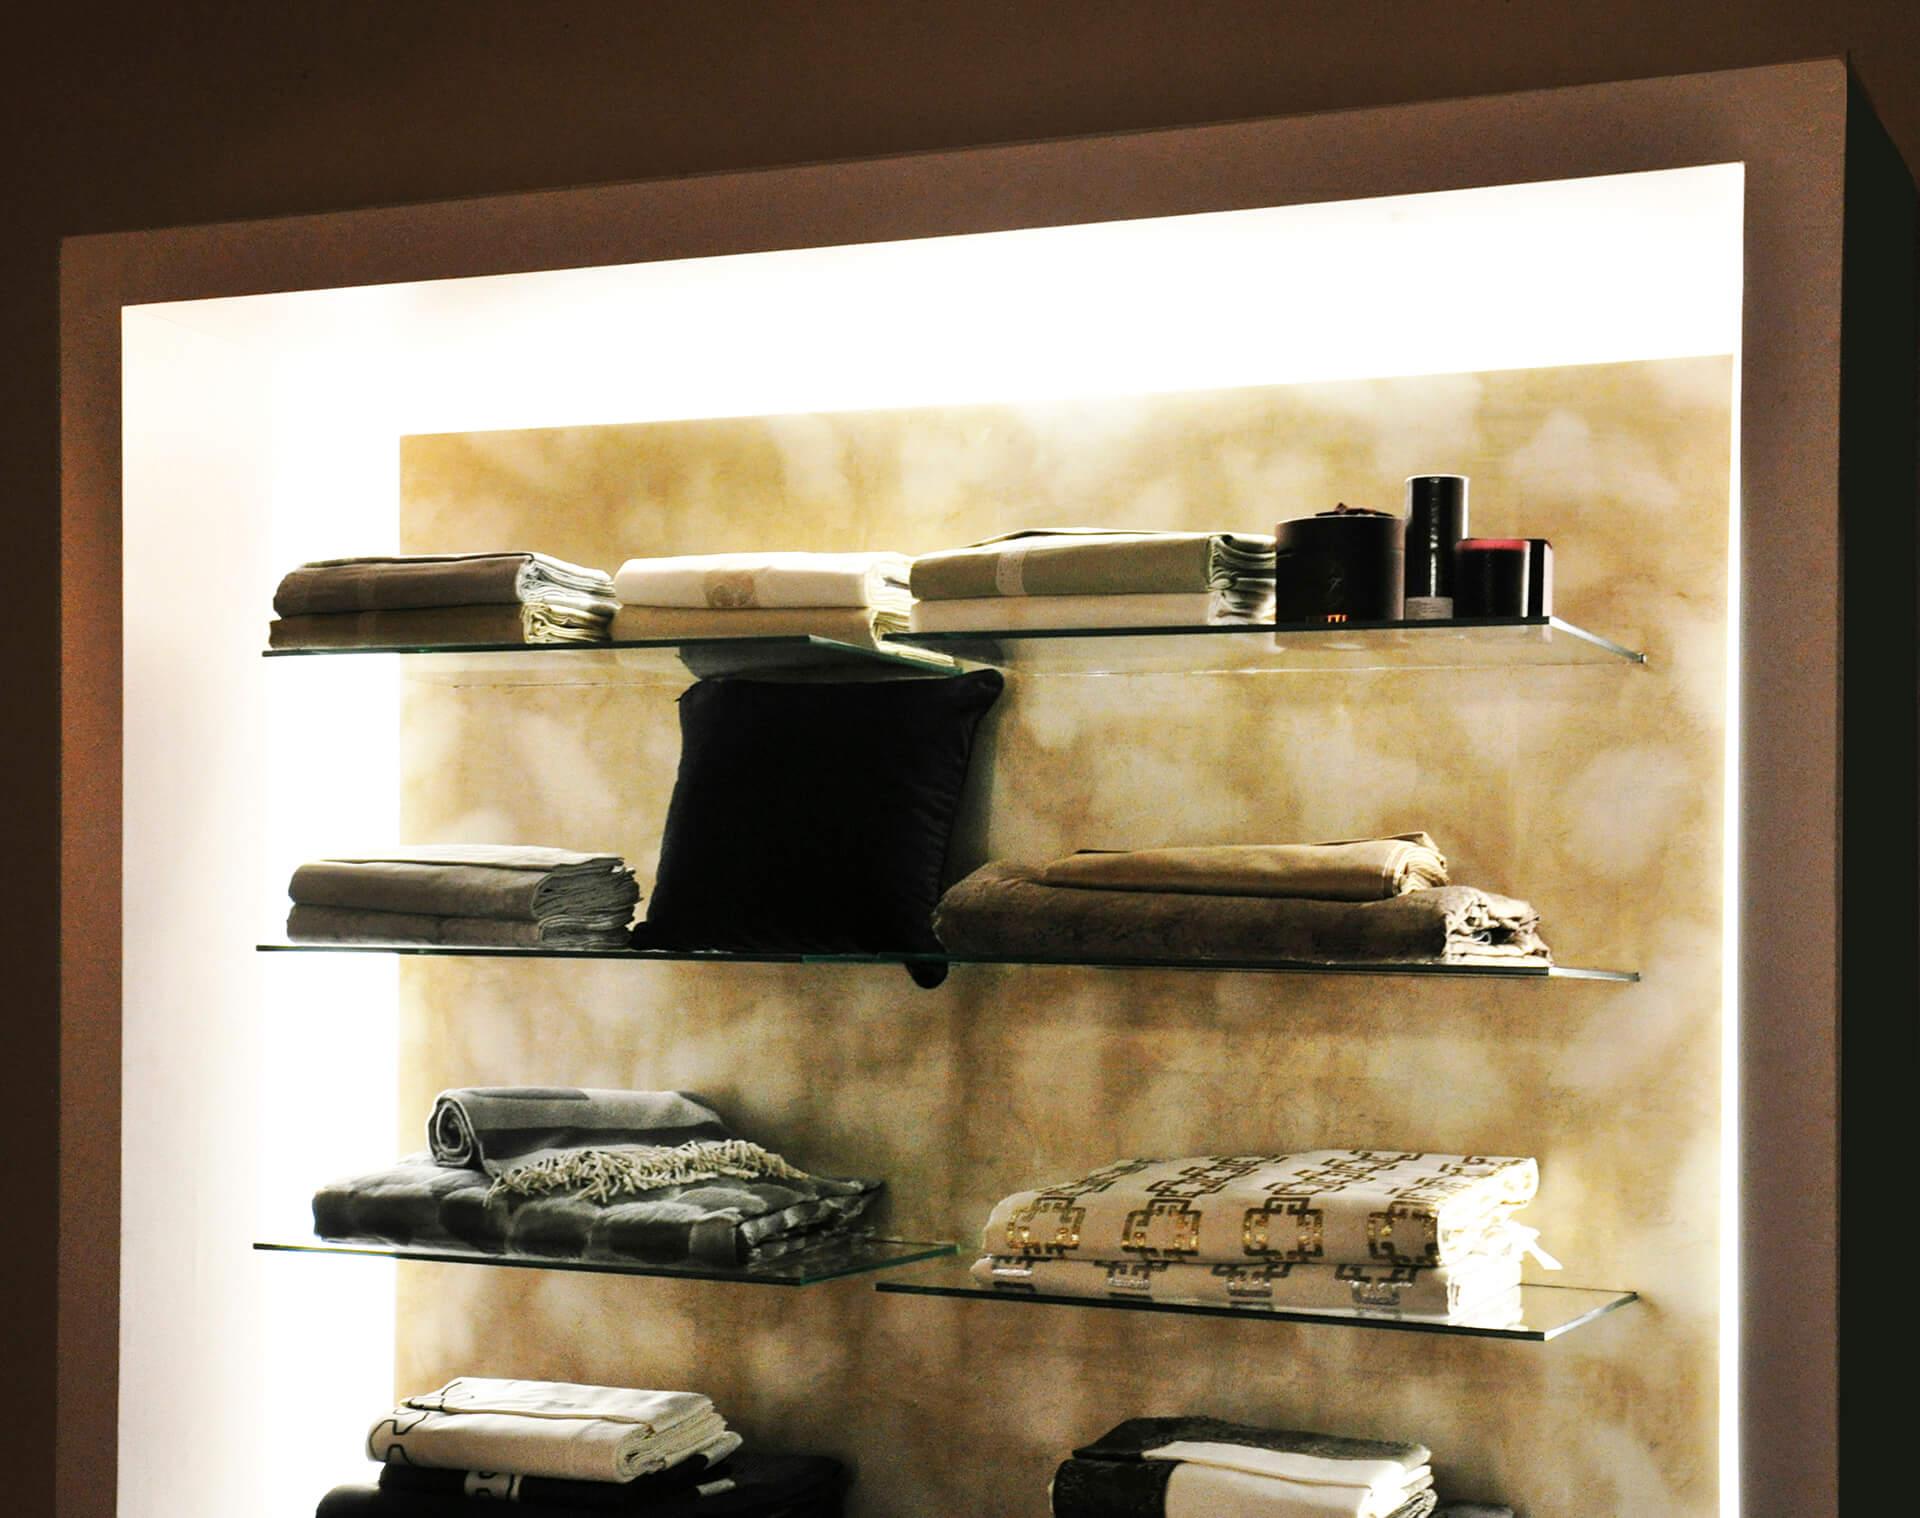 Store at Andheri